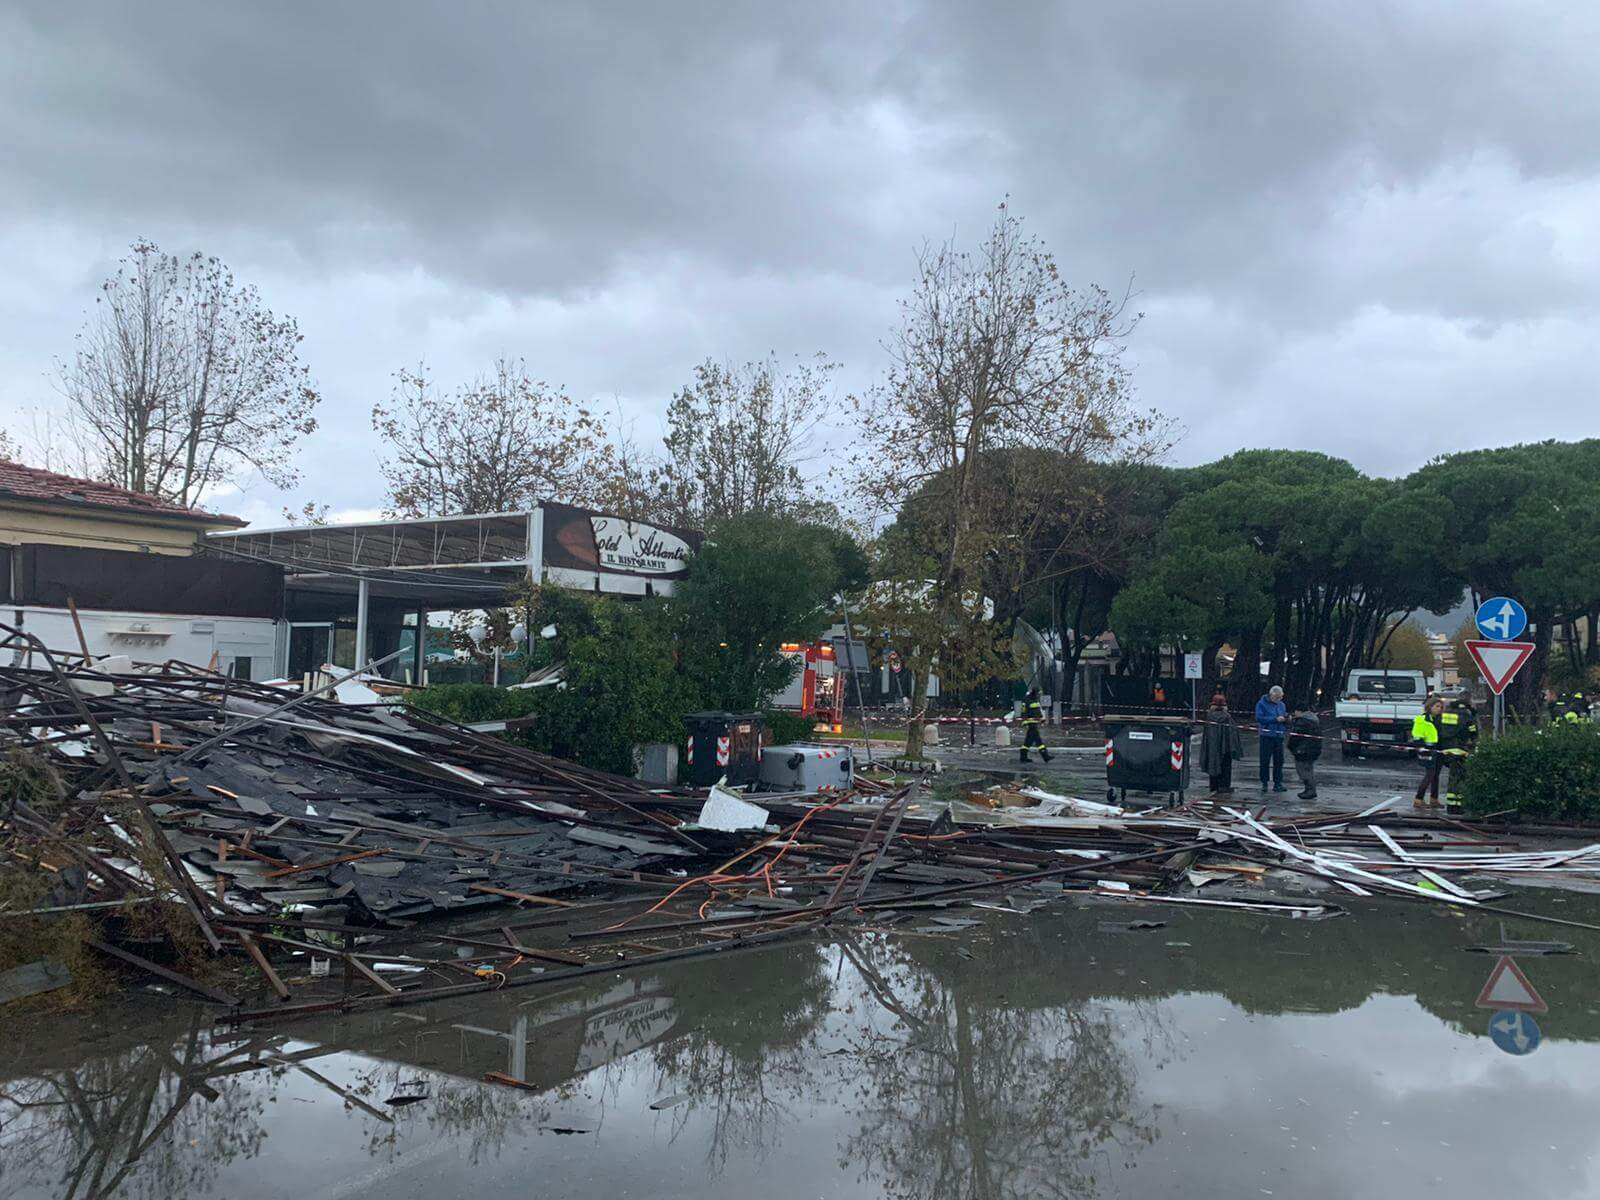 Tromba d'aria a Marina di Carrara, distrutto ristorante